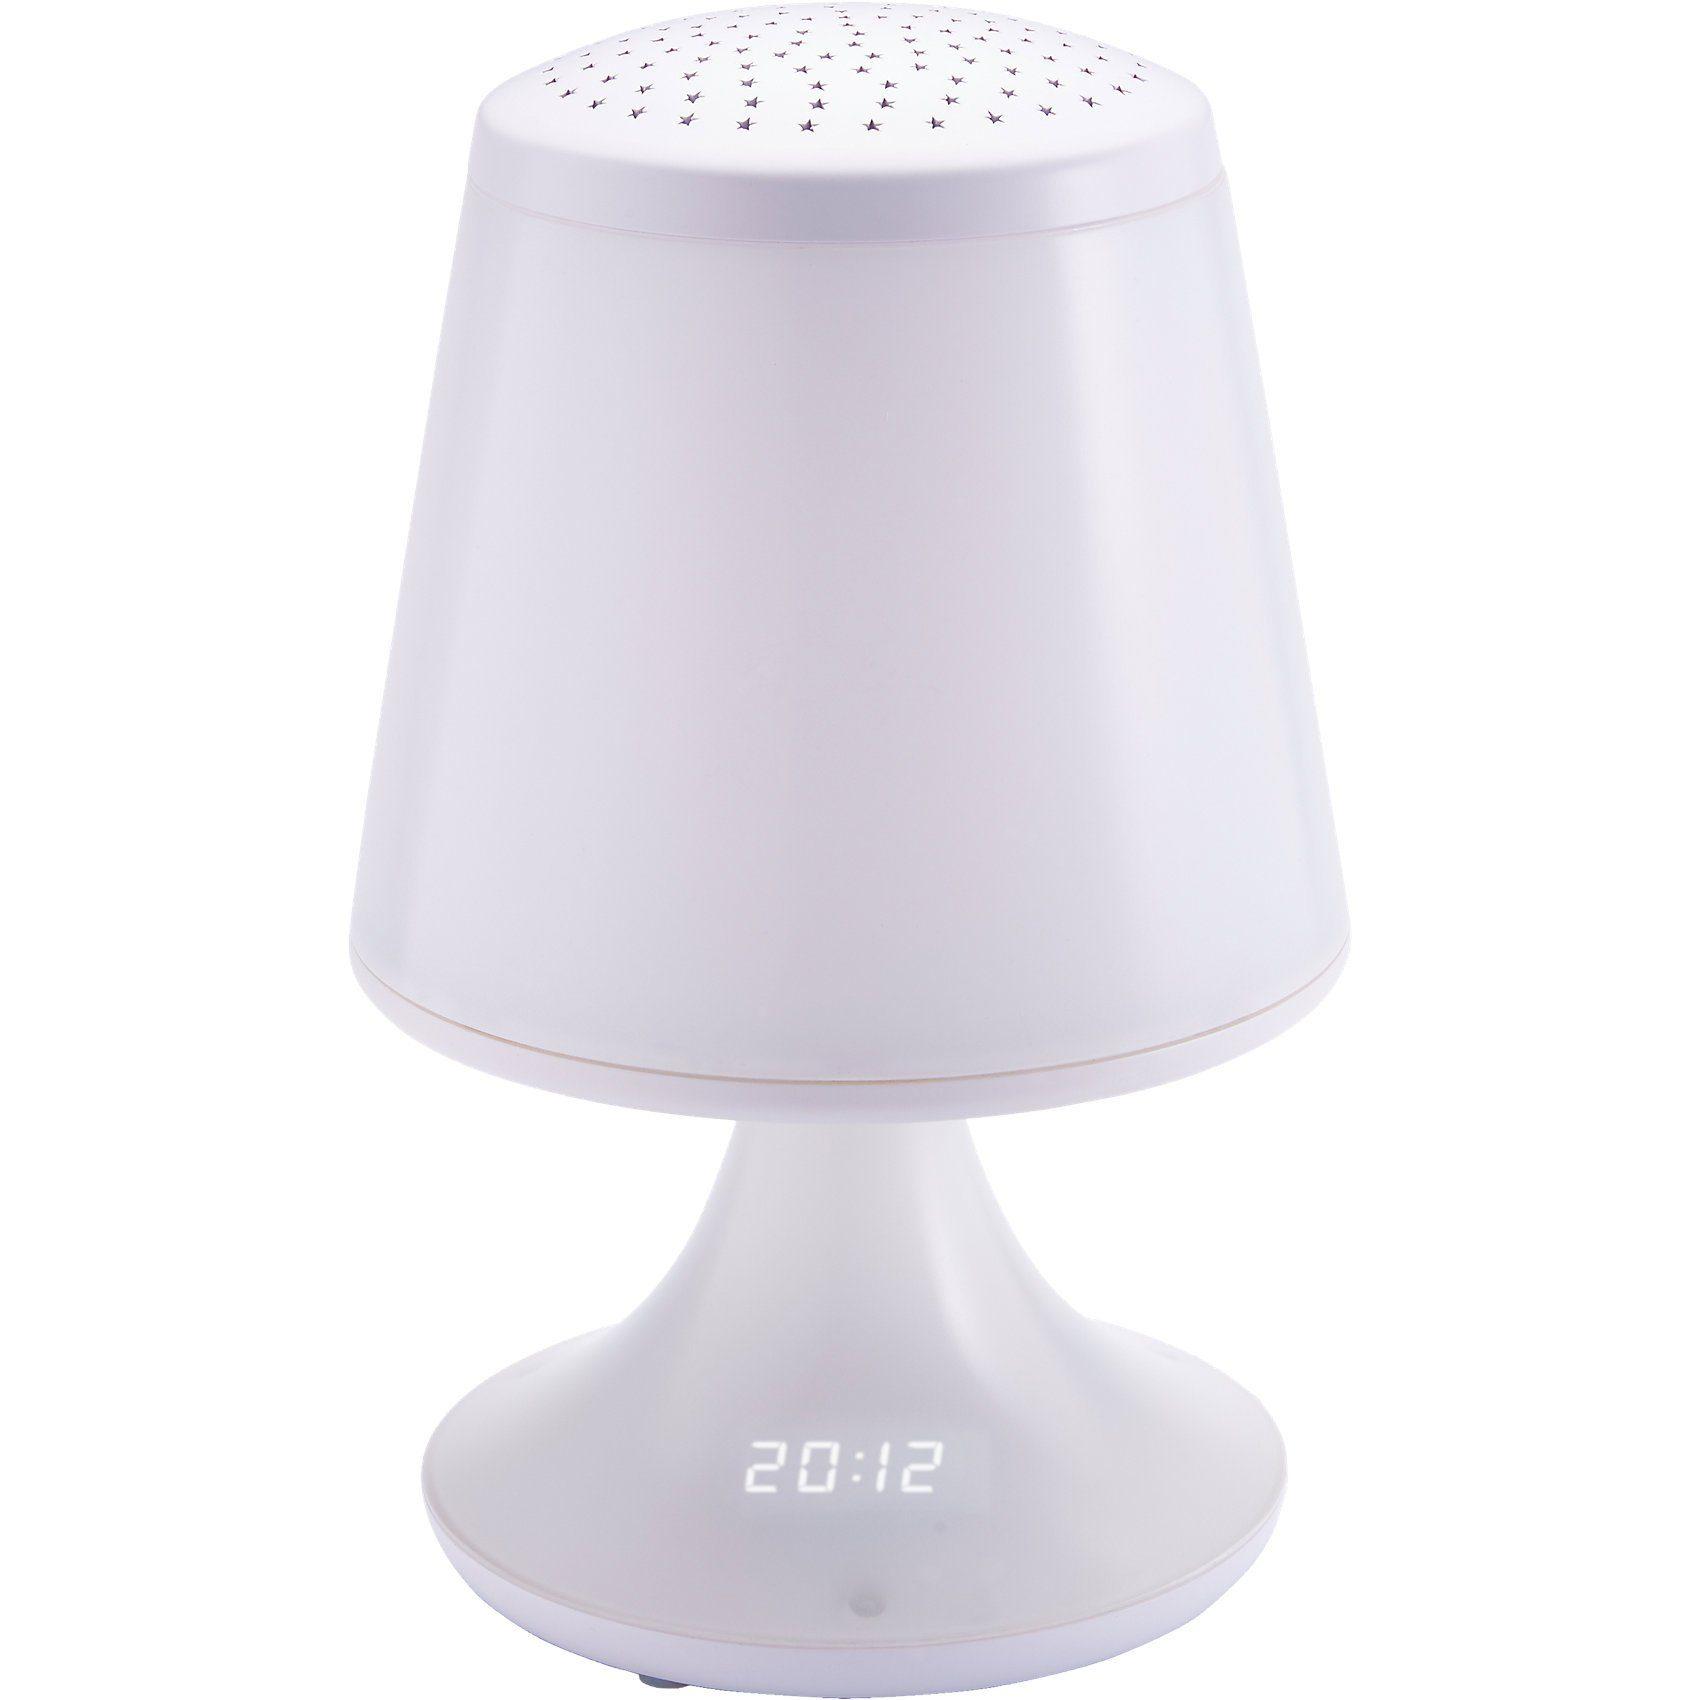 BigBen Radiowecker RRV01 - Lumin´Us Lampe mit Projektor